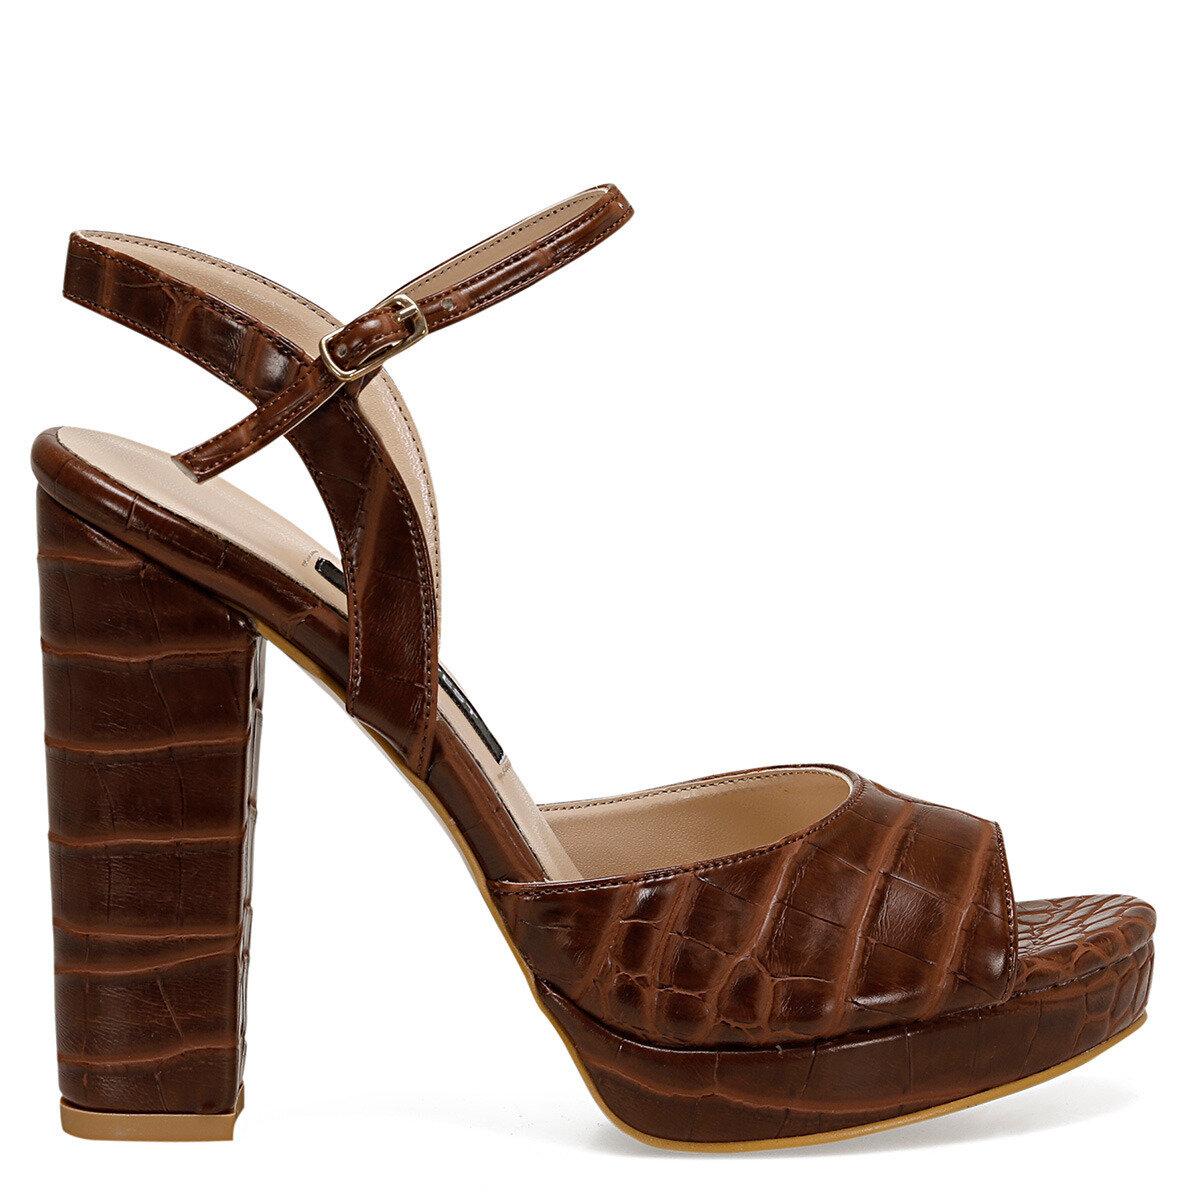 CENDO Kahverengi Kadın Topuklu Sandalet